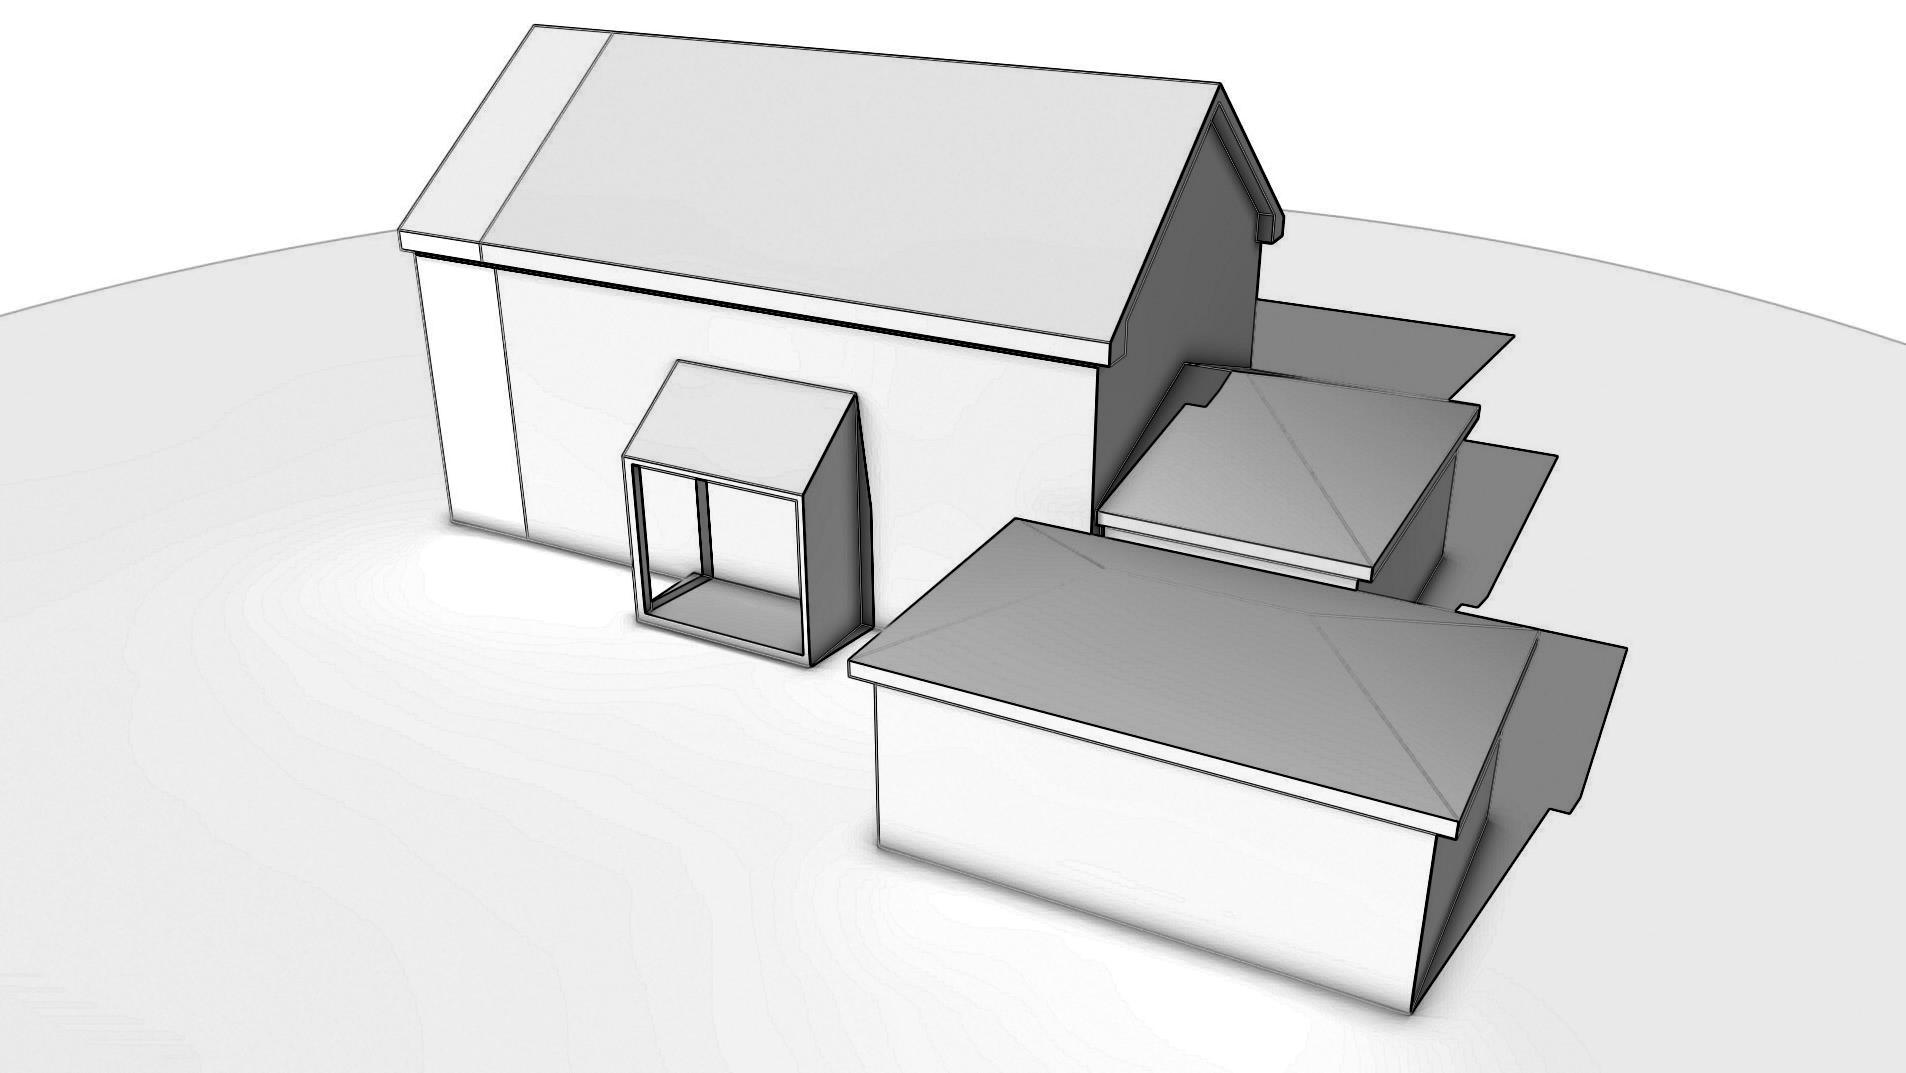 Roofline5-c.jpg